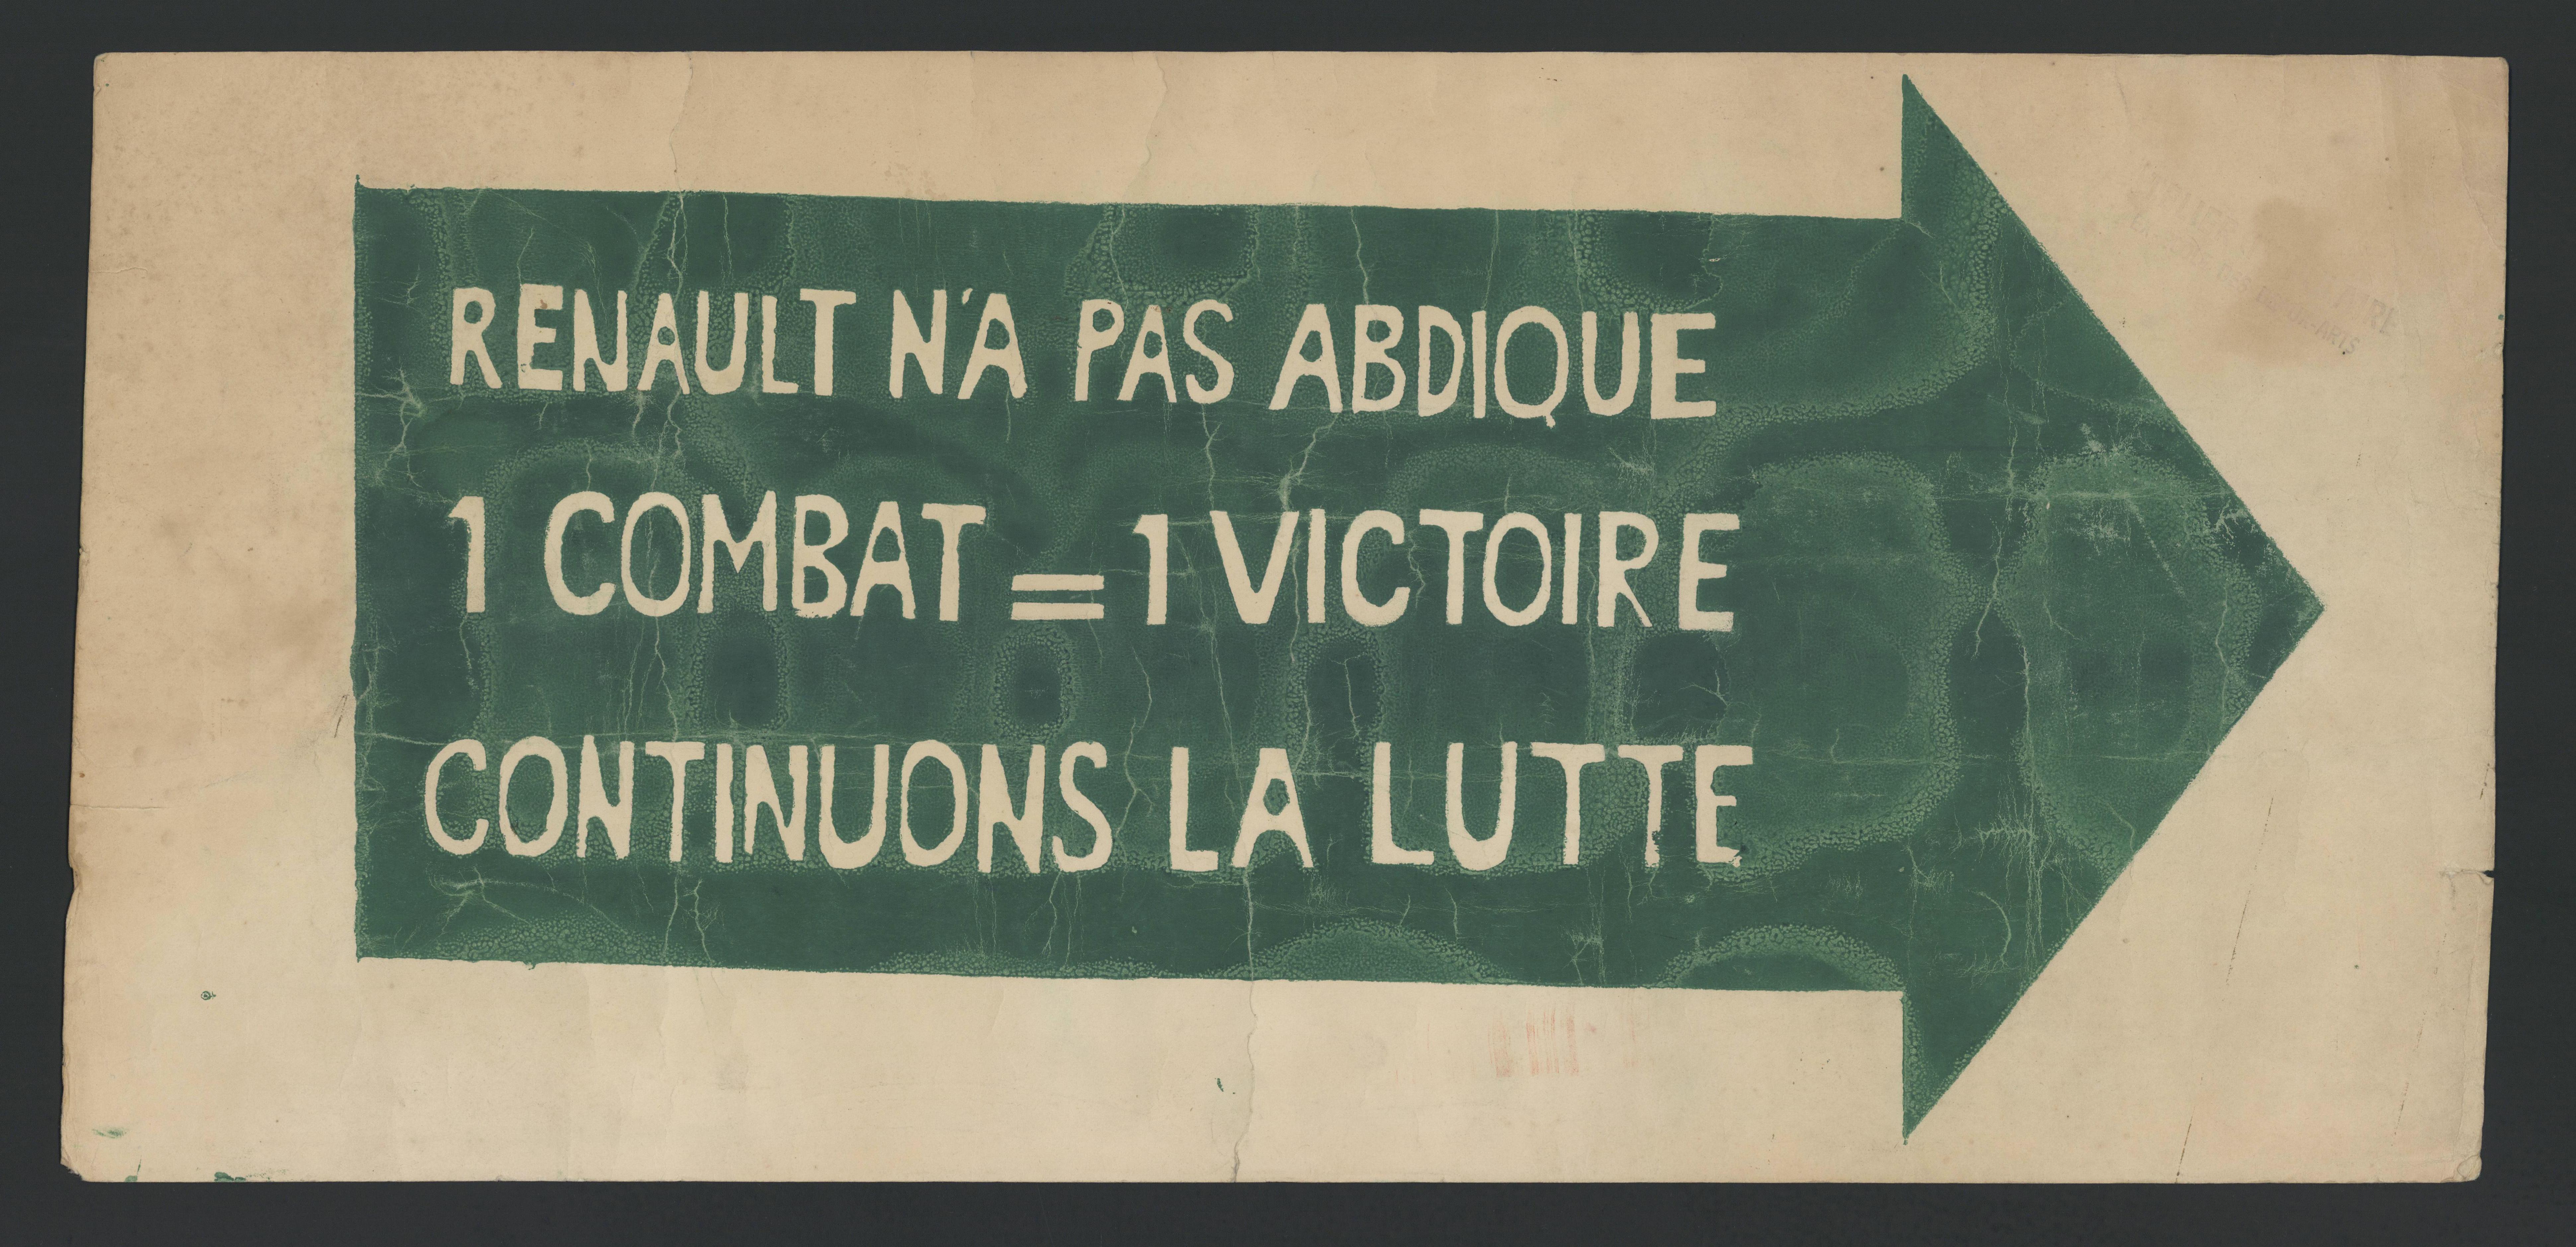 """""""RENAULT N'A PAS ABDIQUE / 1 COMBAT = 1 VICTOIRE / CONTINUONS LA LUTTE"""""""